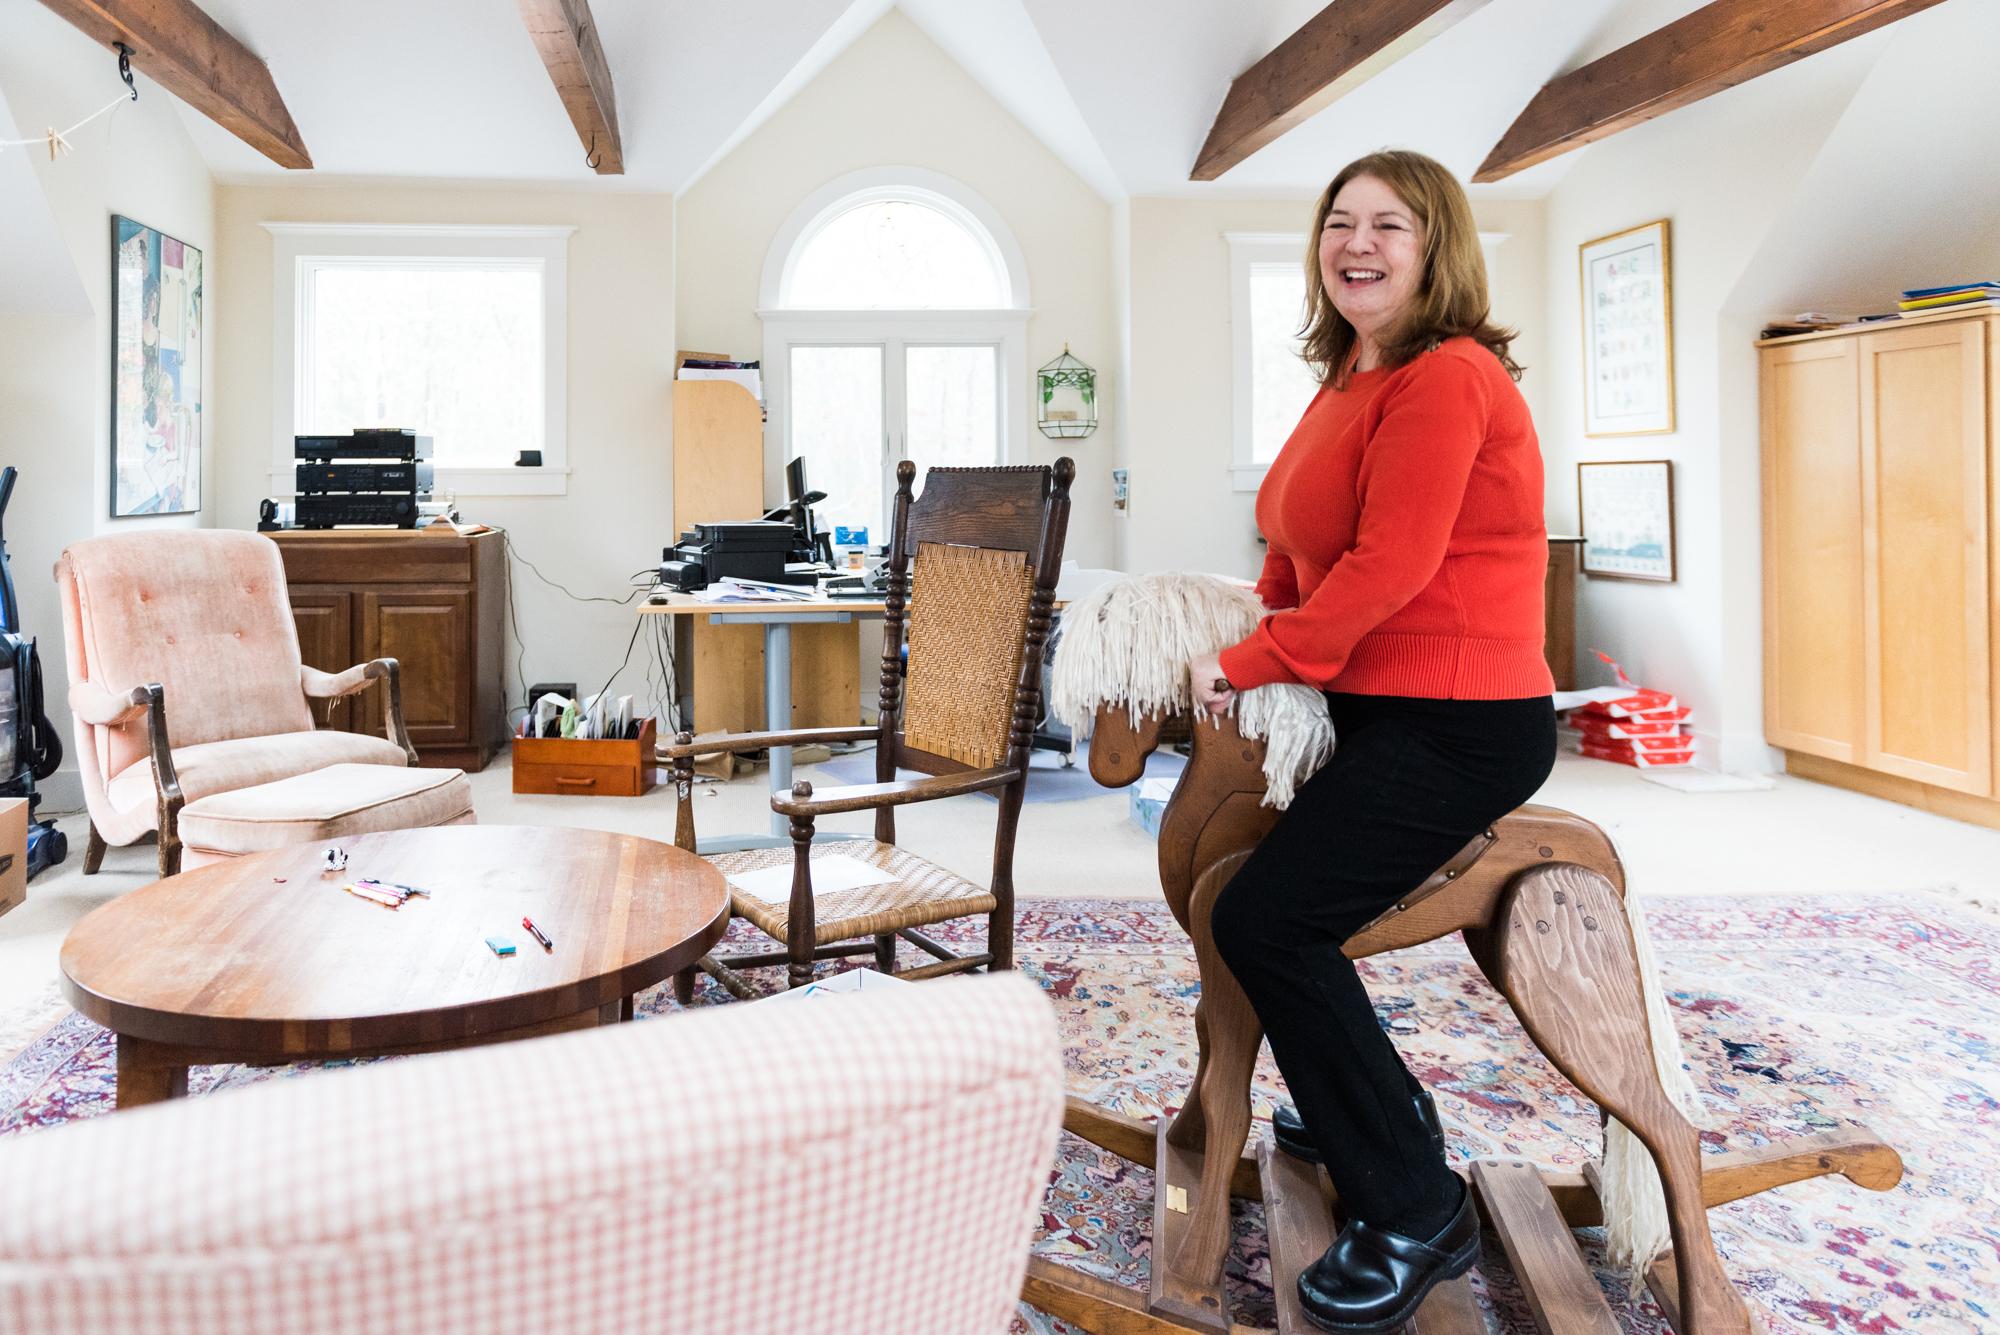 Kathy Spirtes - Friend, Adventurer, Musician